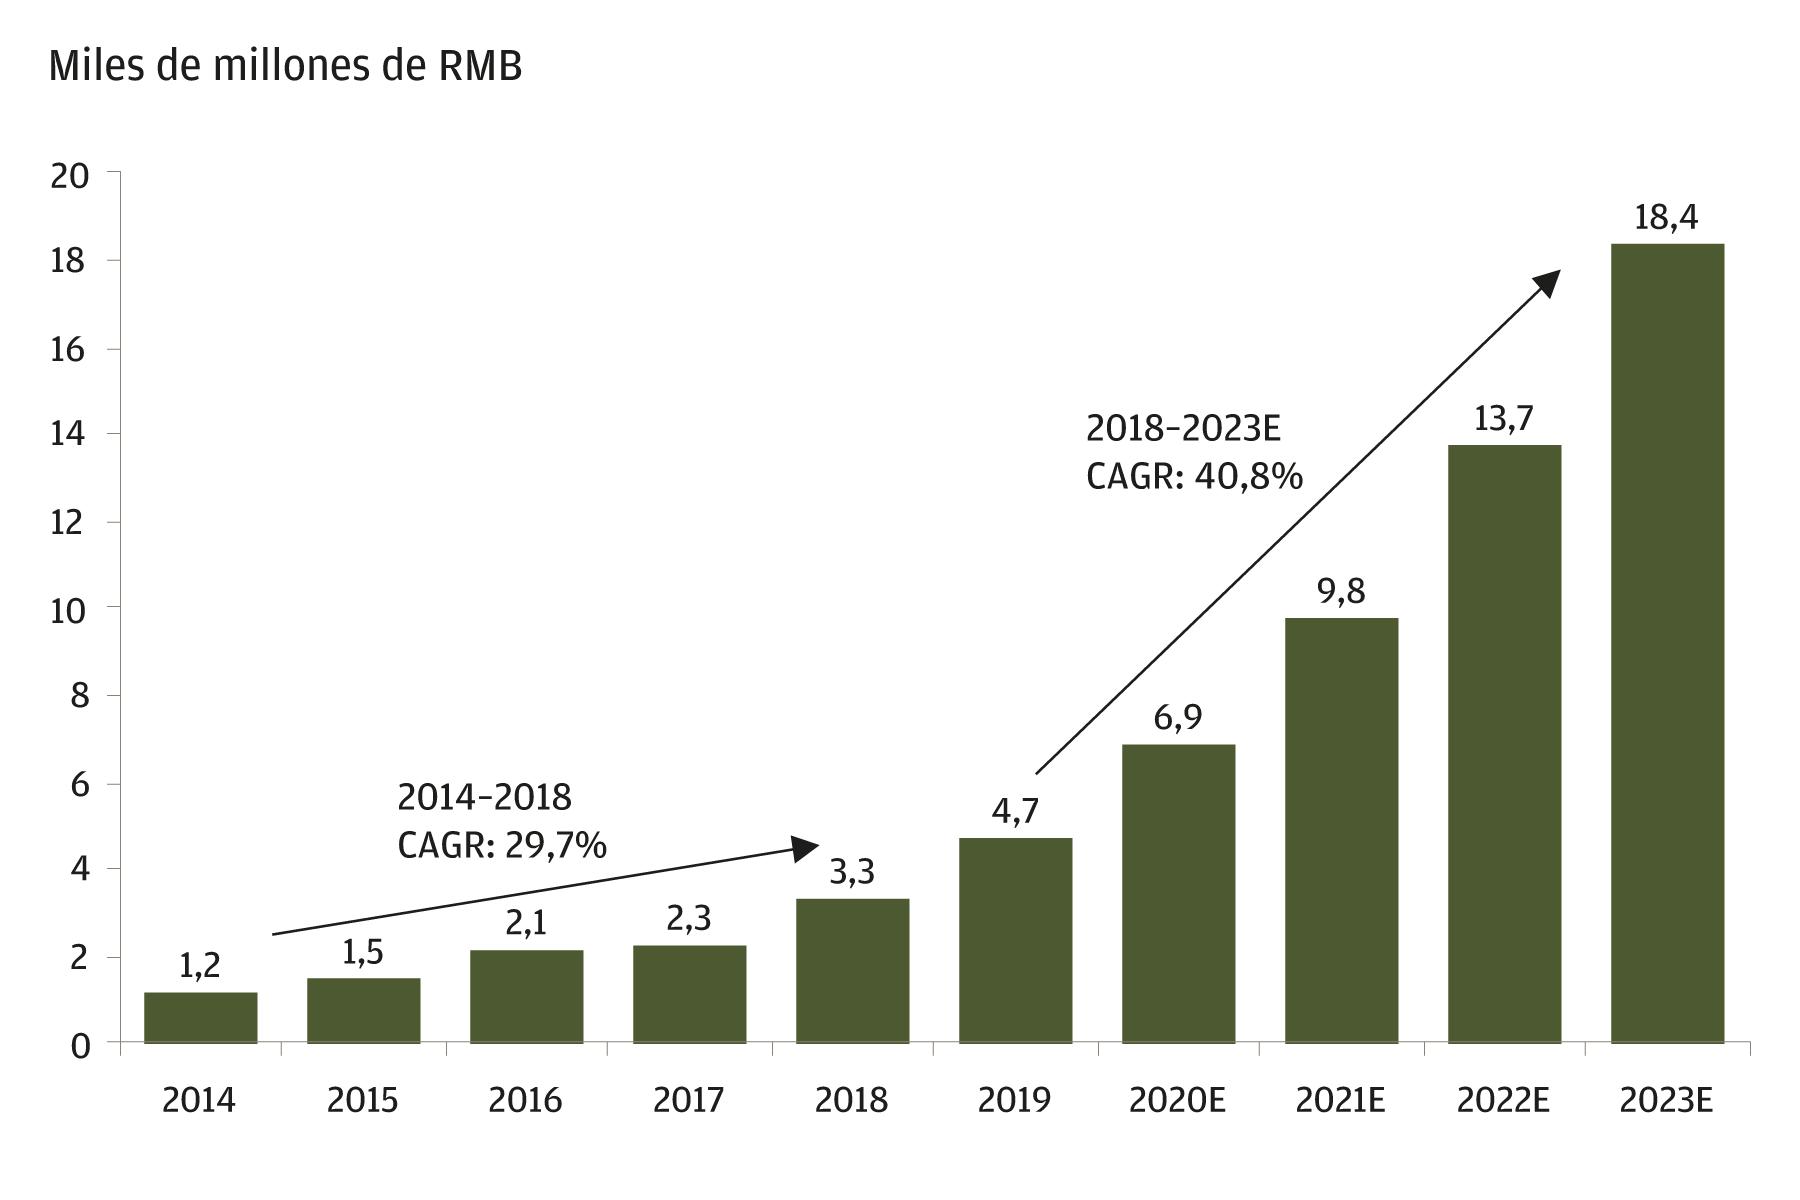 Este gráfico muestra la tasa de crecimiento histórica y futura proyectada del mercado de tercerización de productos biológicos en China entre 2014 y 2023. Las cifras de 2020 a 2023 son pronósticos. De 2014 a 2018, el mercado creció a una tasa de crecimiento anual compuesta (CAGR) del 29,7%. Su tasa de crecimiento anual compuesta pronosticada de 2018 a 2023 es del 40,8%.